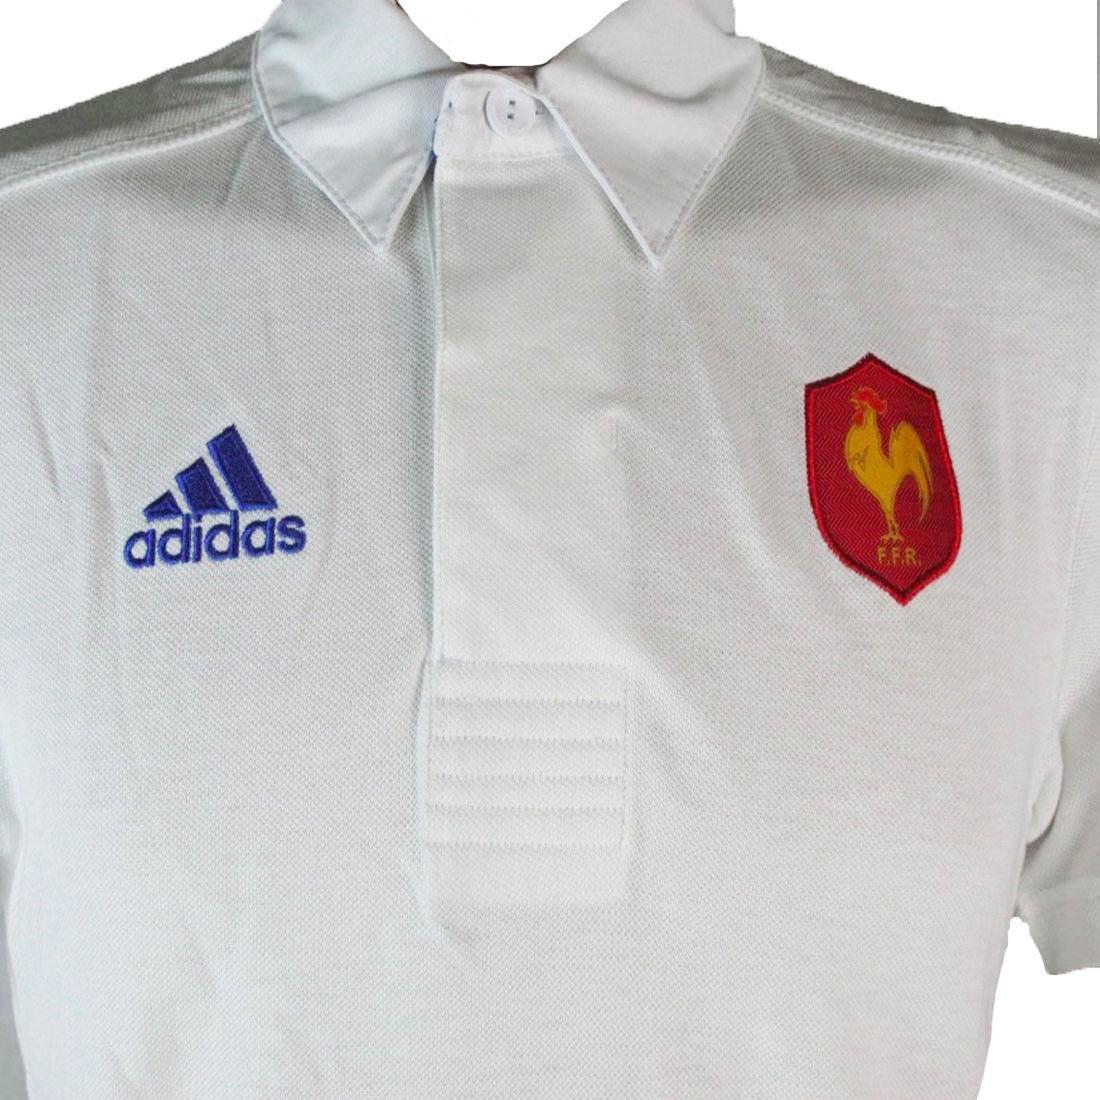 Détails sur Adidas France Hommes Rugby Polo Blanc Manche Courte Sports Haut Jersey 2013 14